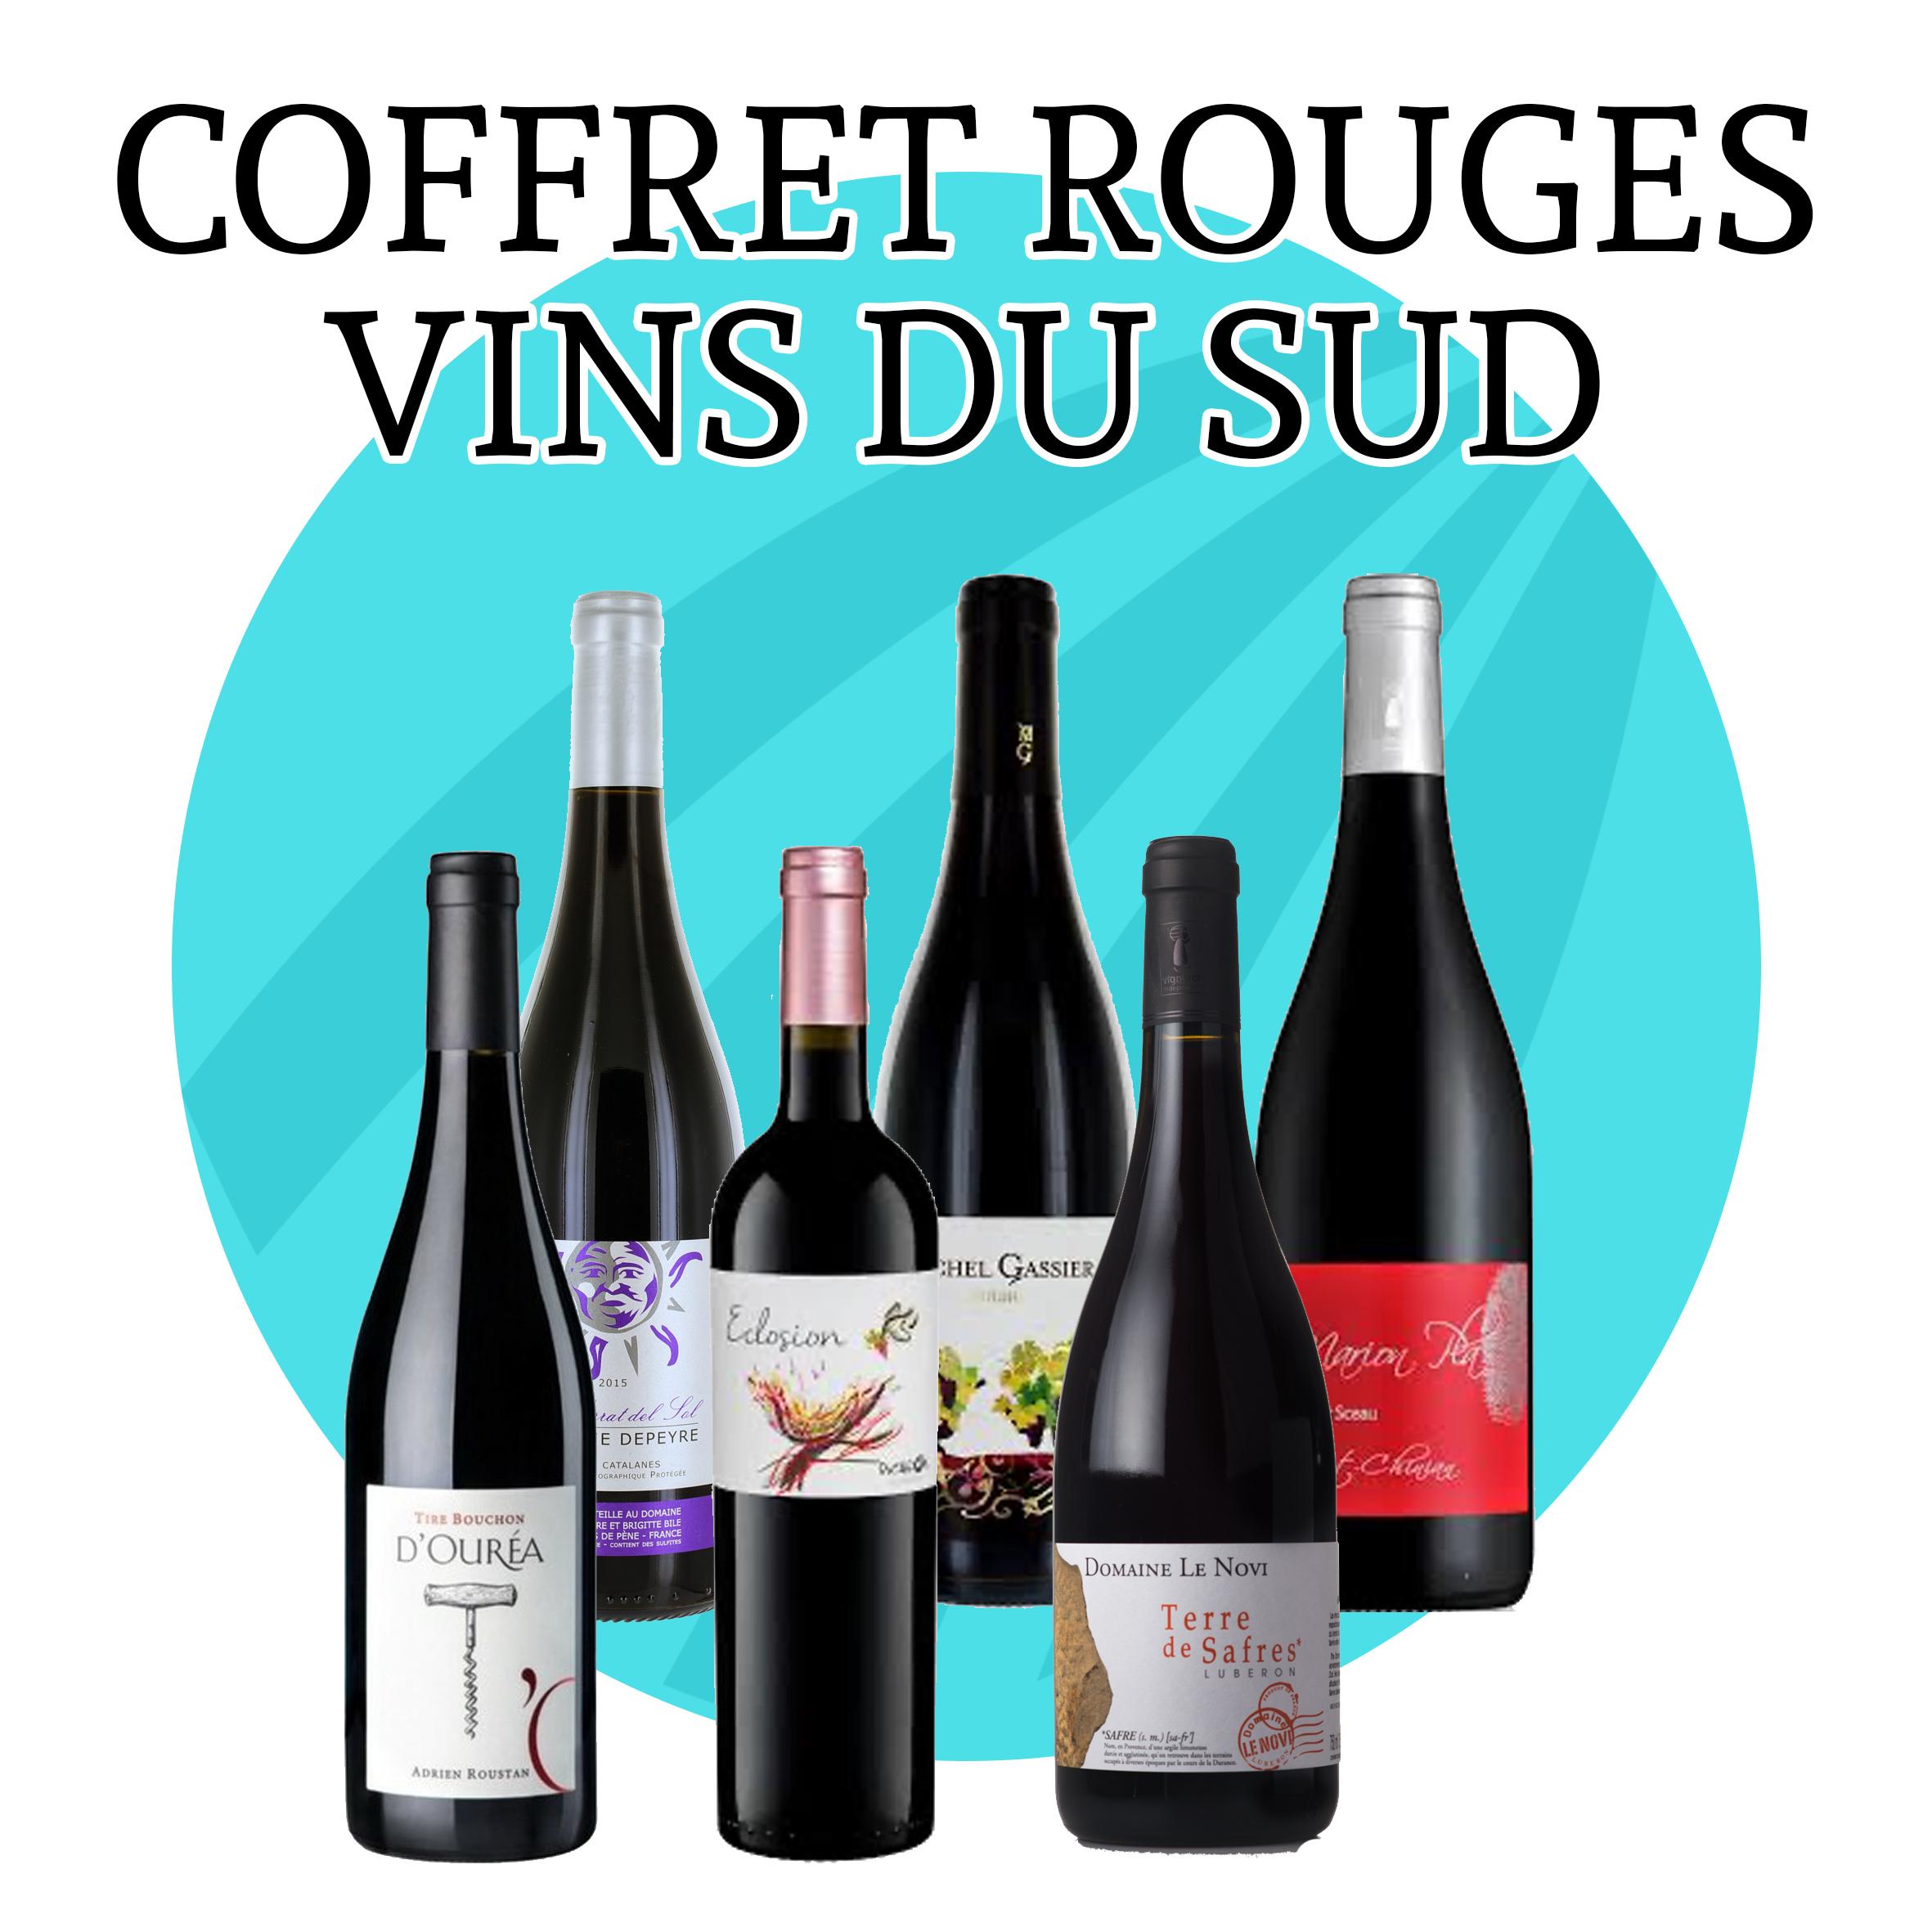 Coffret Vins Rouge du Sud - 6 bouteilles